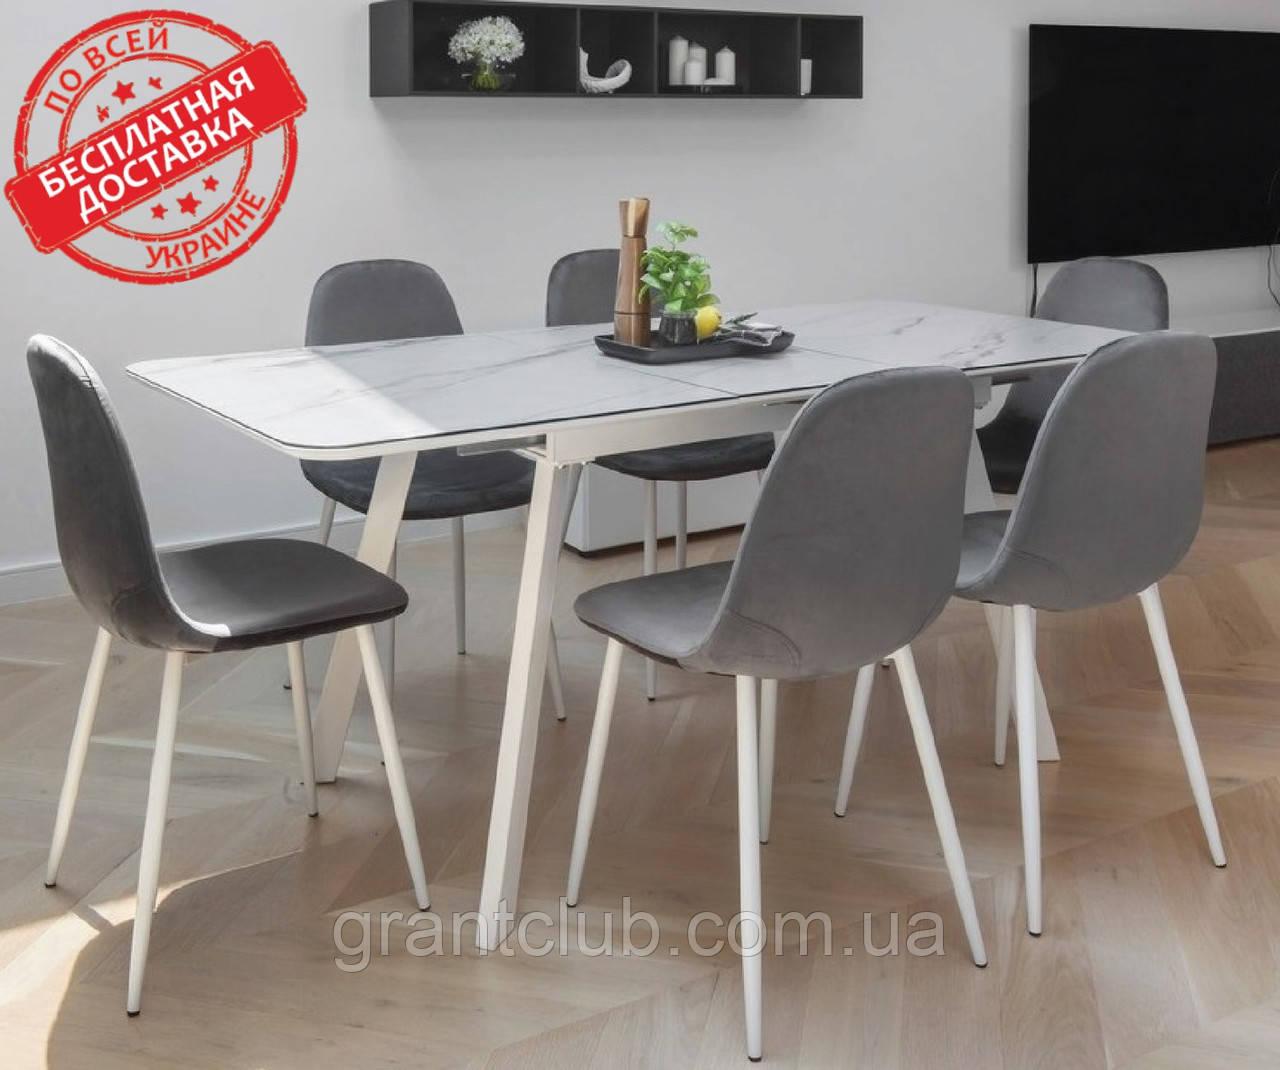 Стол обеденный TM-171 белый кварц 120/160х80 Vetro Mebel (бесплатная доставка)